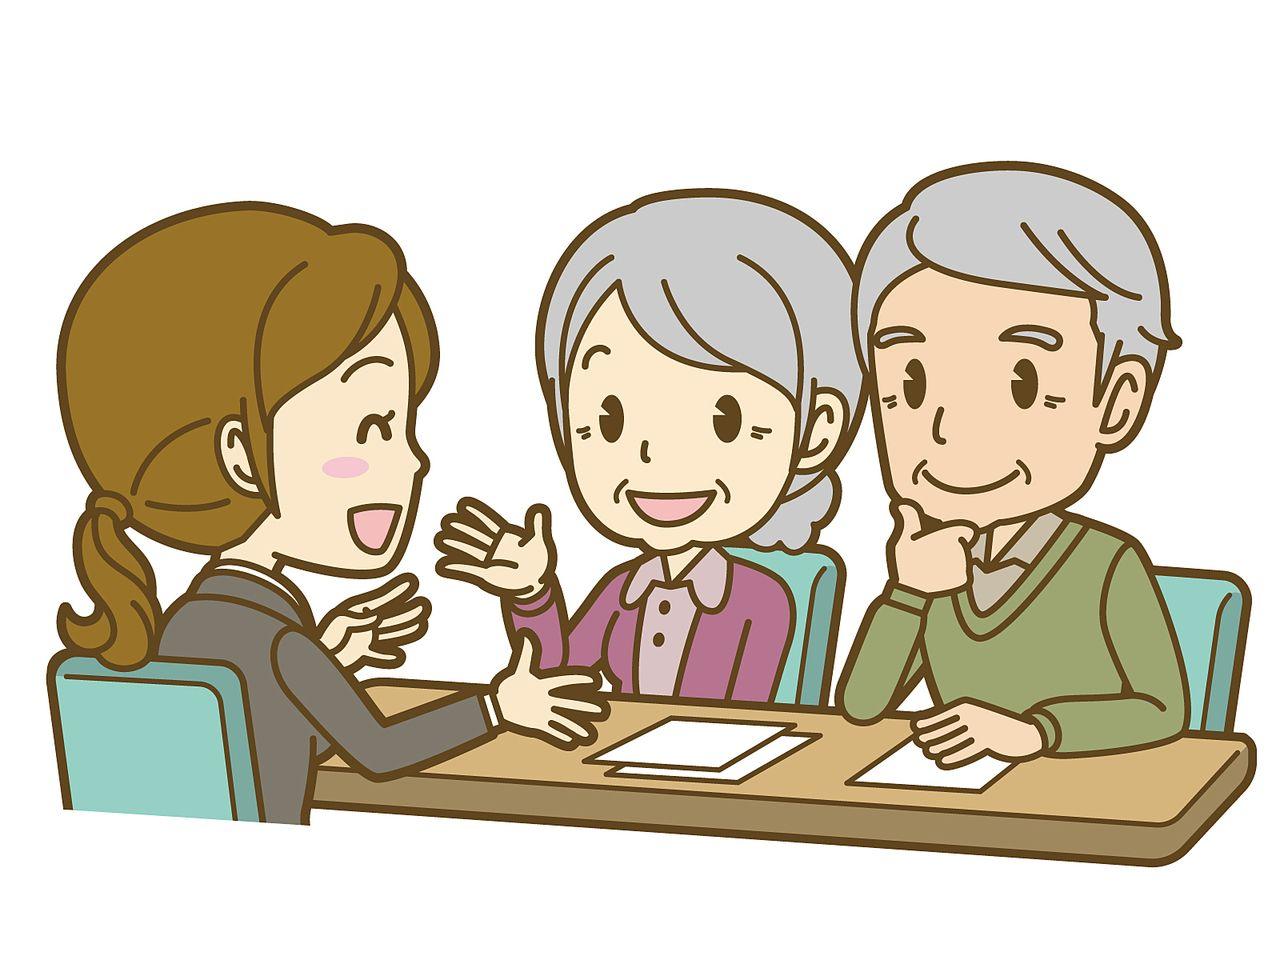 賃貸物件の募集を不動産会社に頼むときの媒介契約とは?募集後の管理委託内容は?